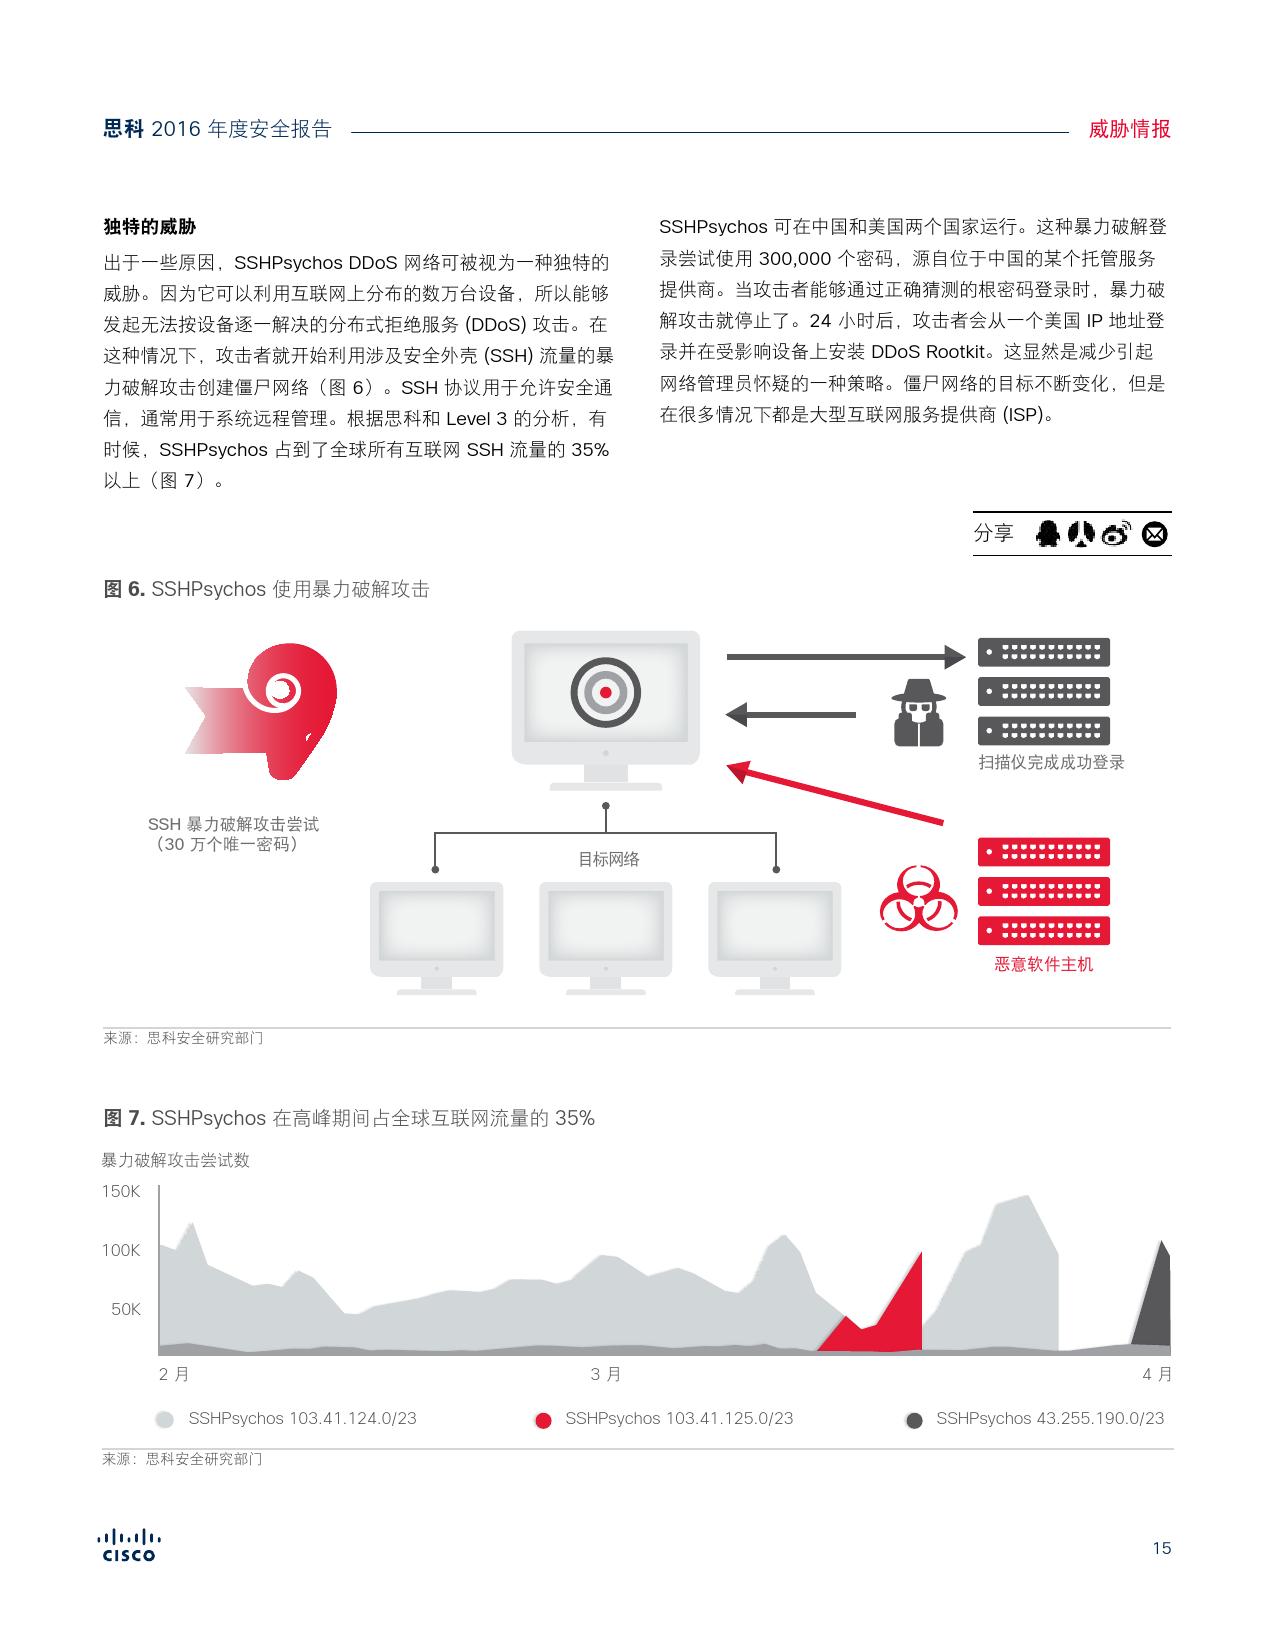 2016年中网络安全报告_000015